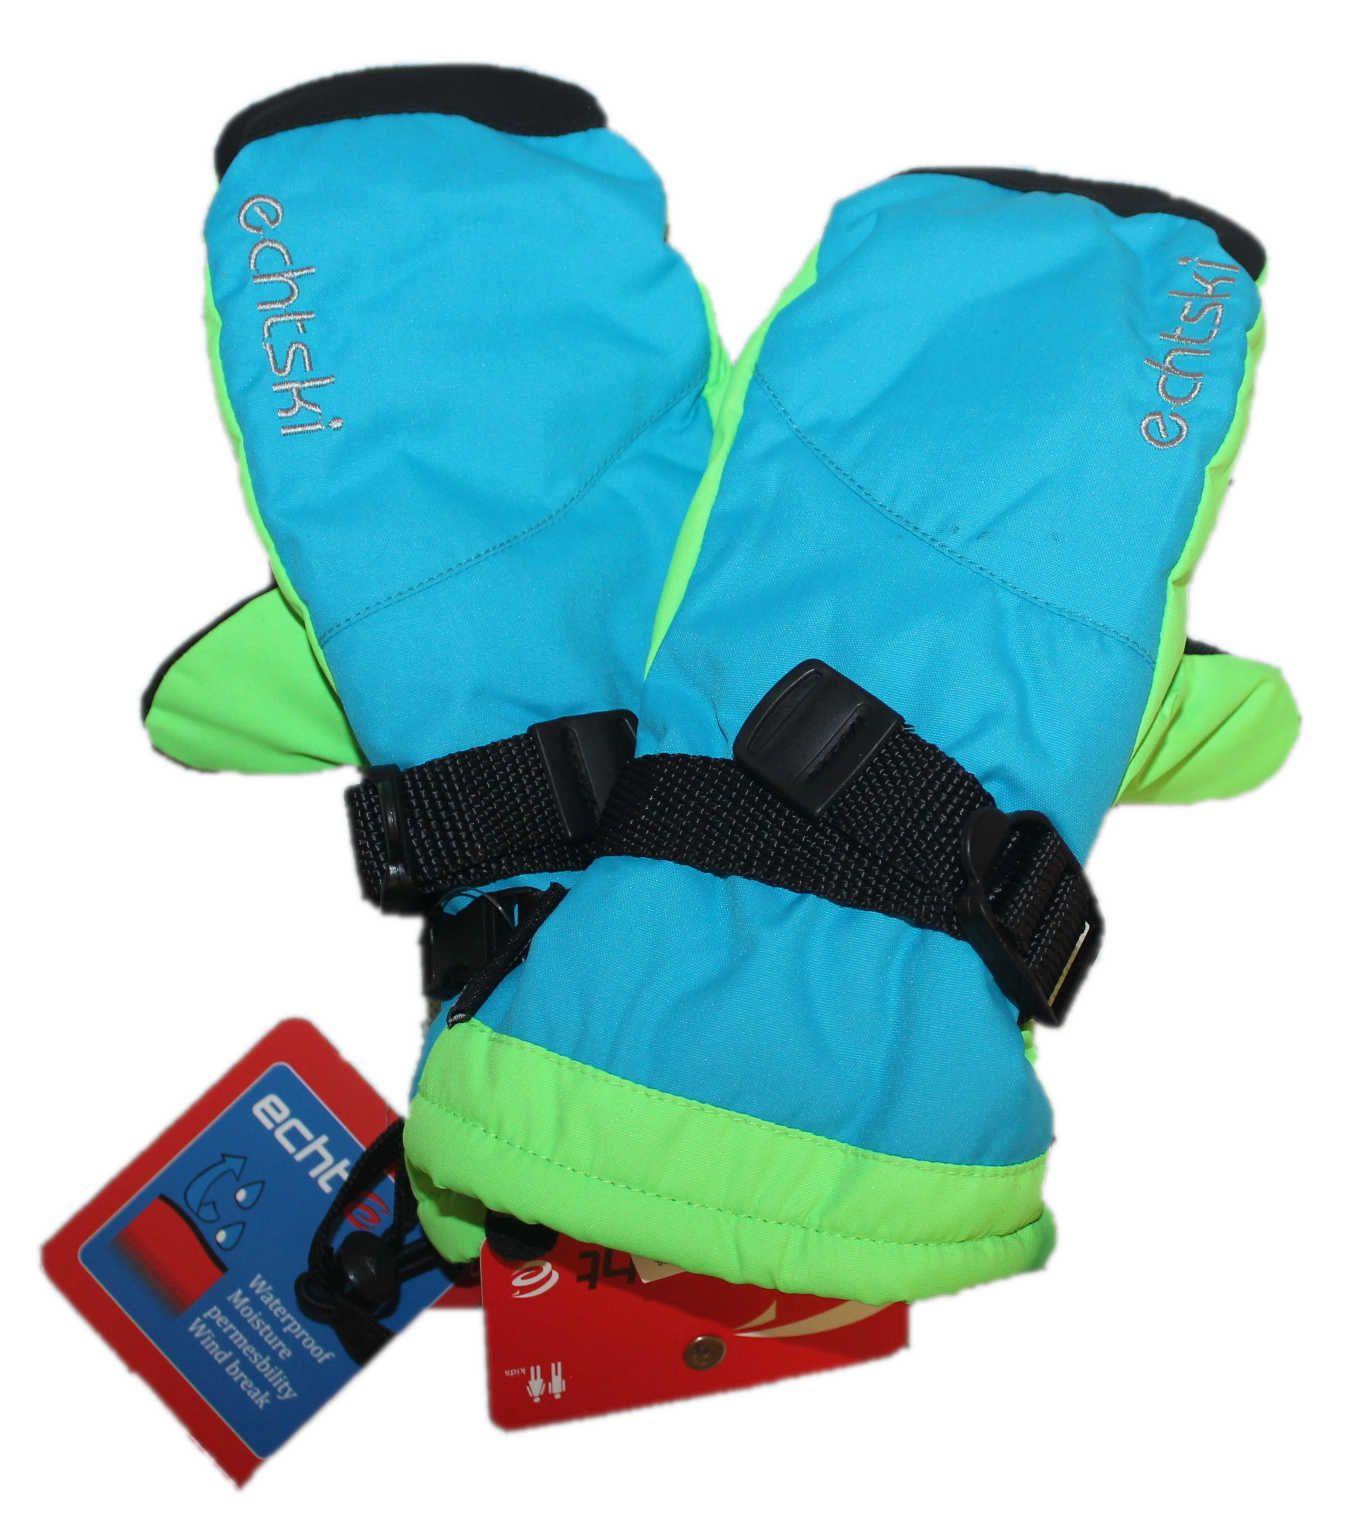 Dětské zimní lyžařské rukavice, dětské palčáky zimní rukavice, dětské rukavice, palčáky rukavice, lyžařské rukavice ECHT SPORTS